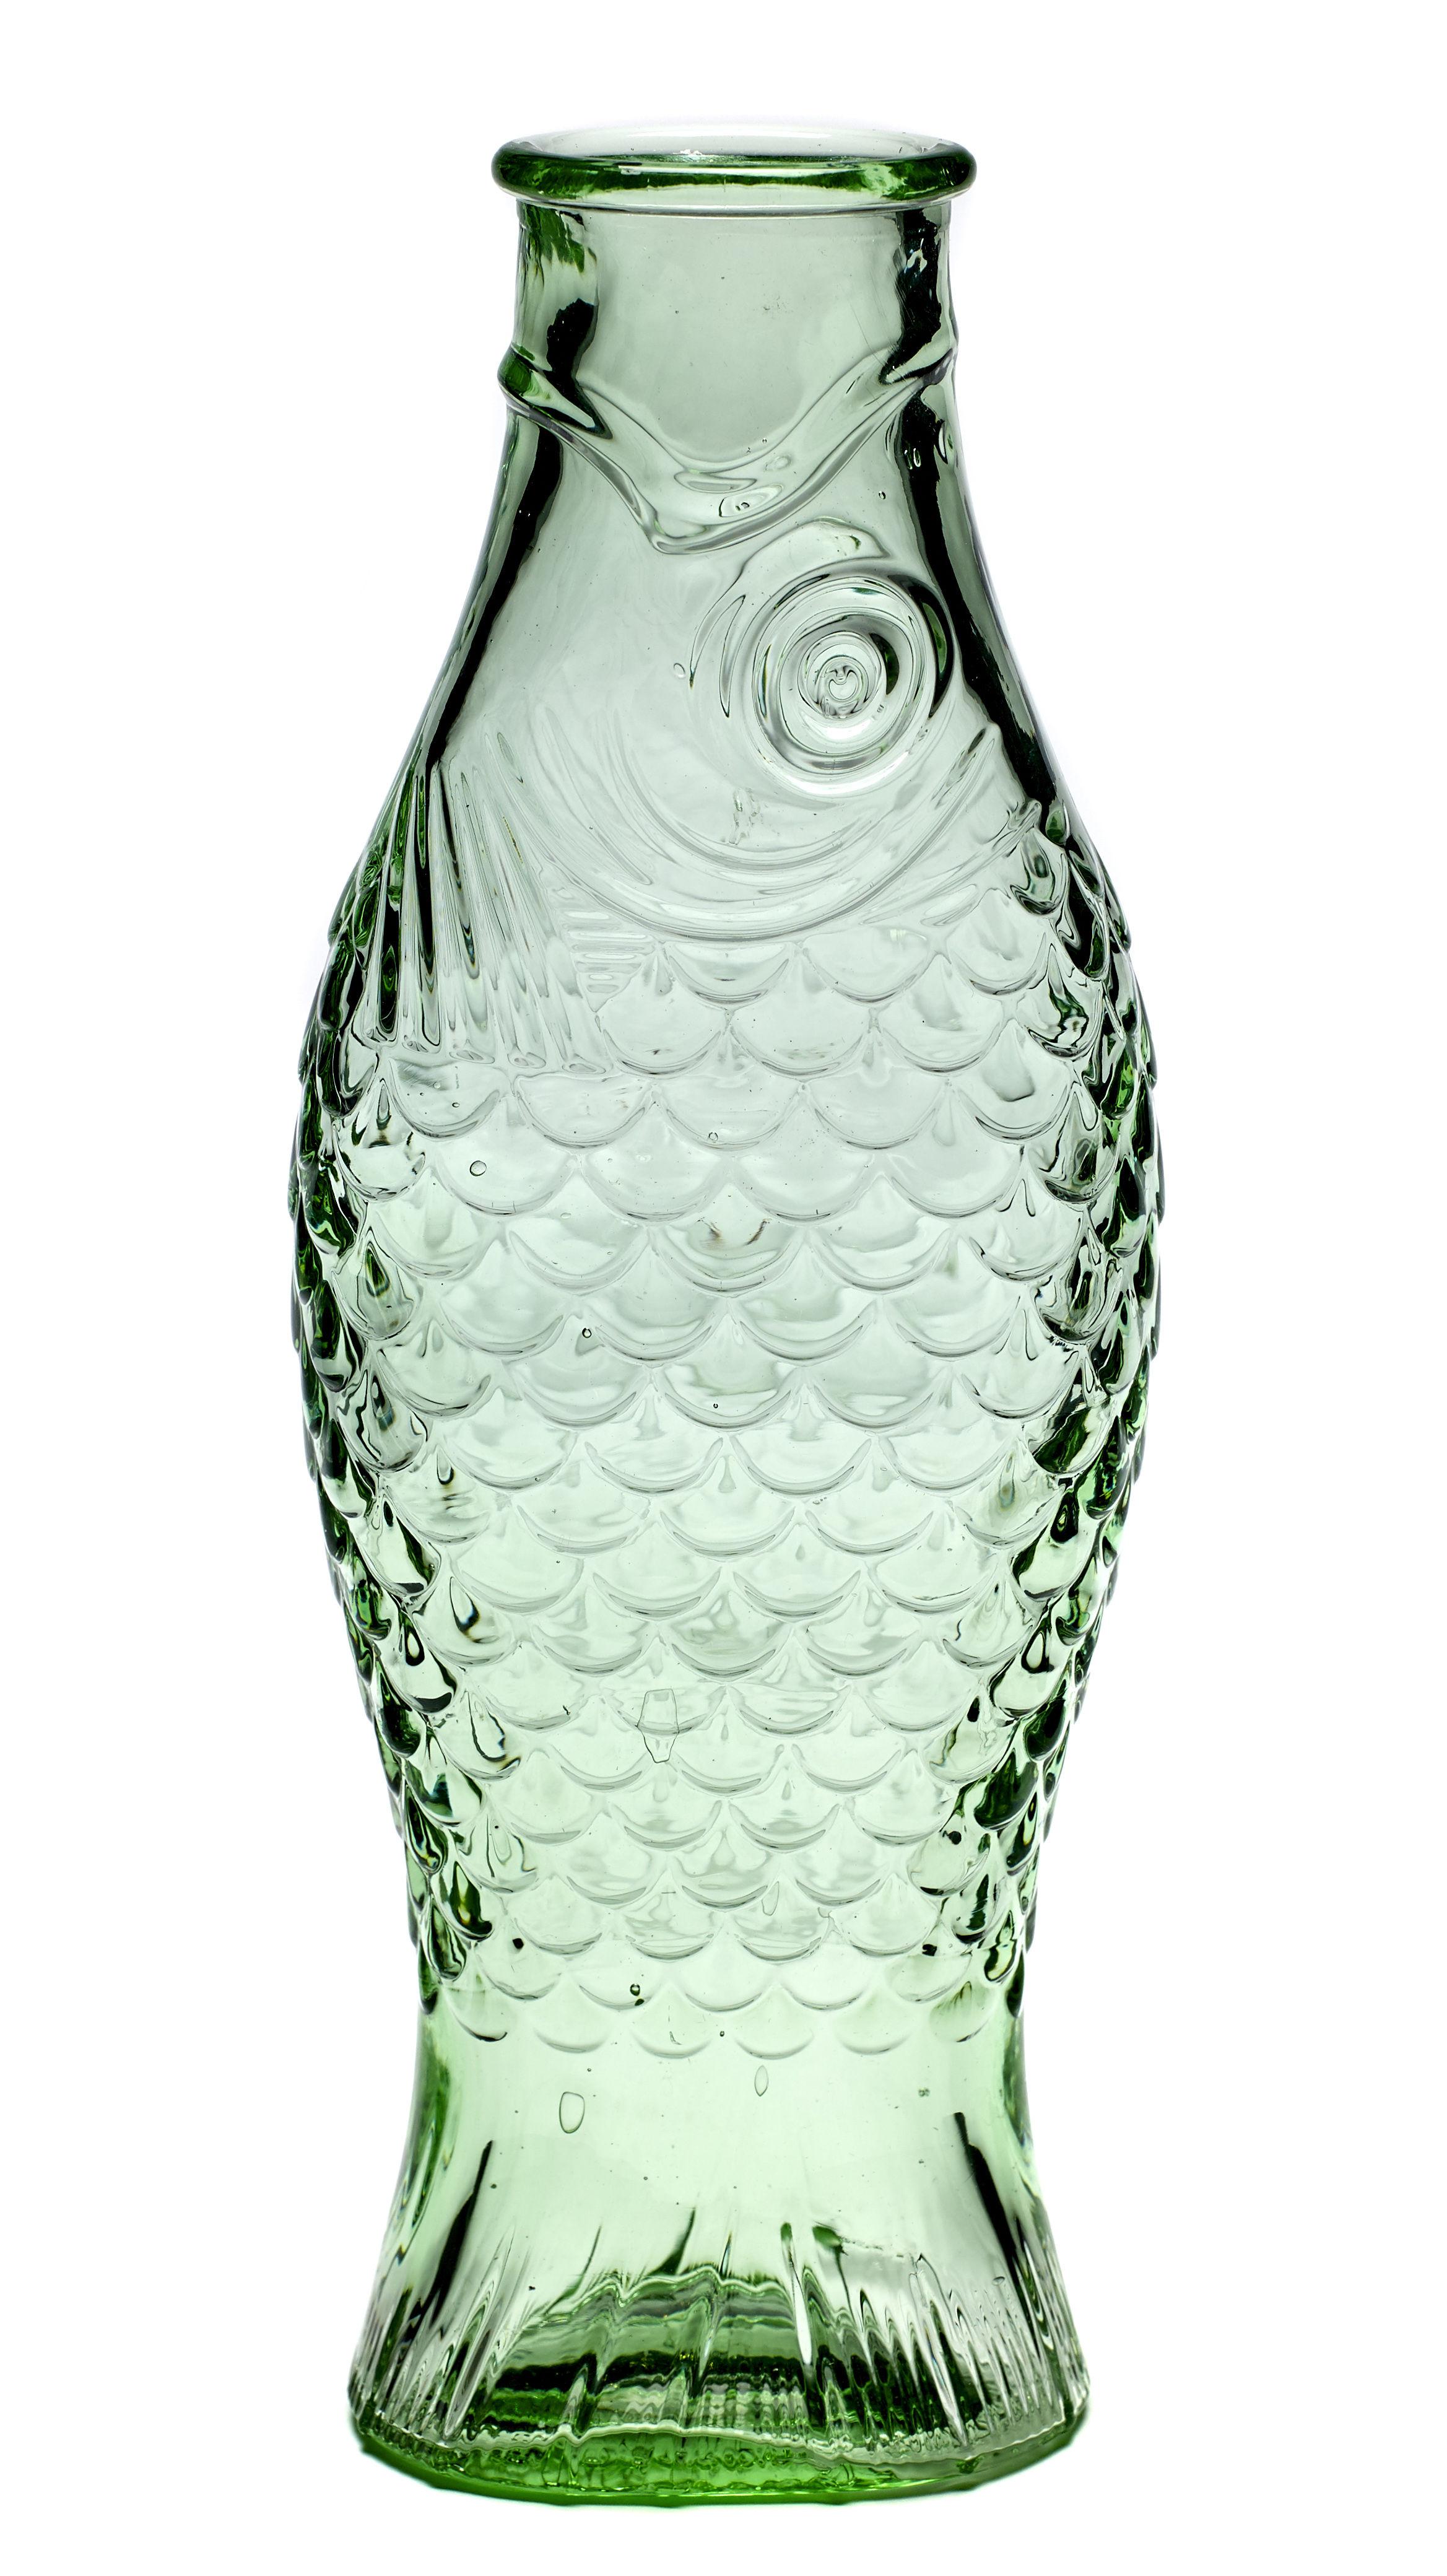 Arts de la table - Carafes et décanteurs - Carafe Fish & Fish / 1L - Serax - Vert transparent - Verre pressé